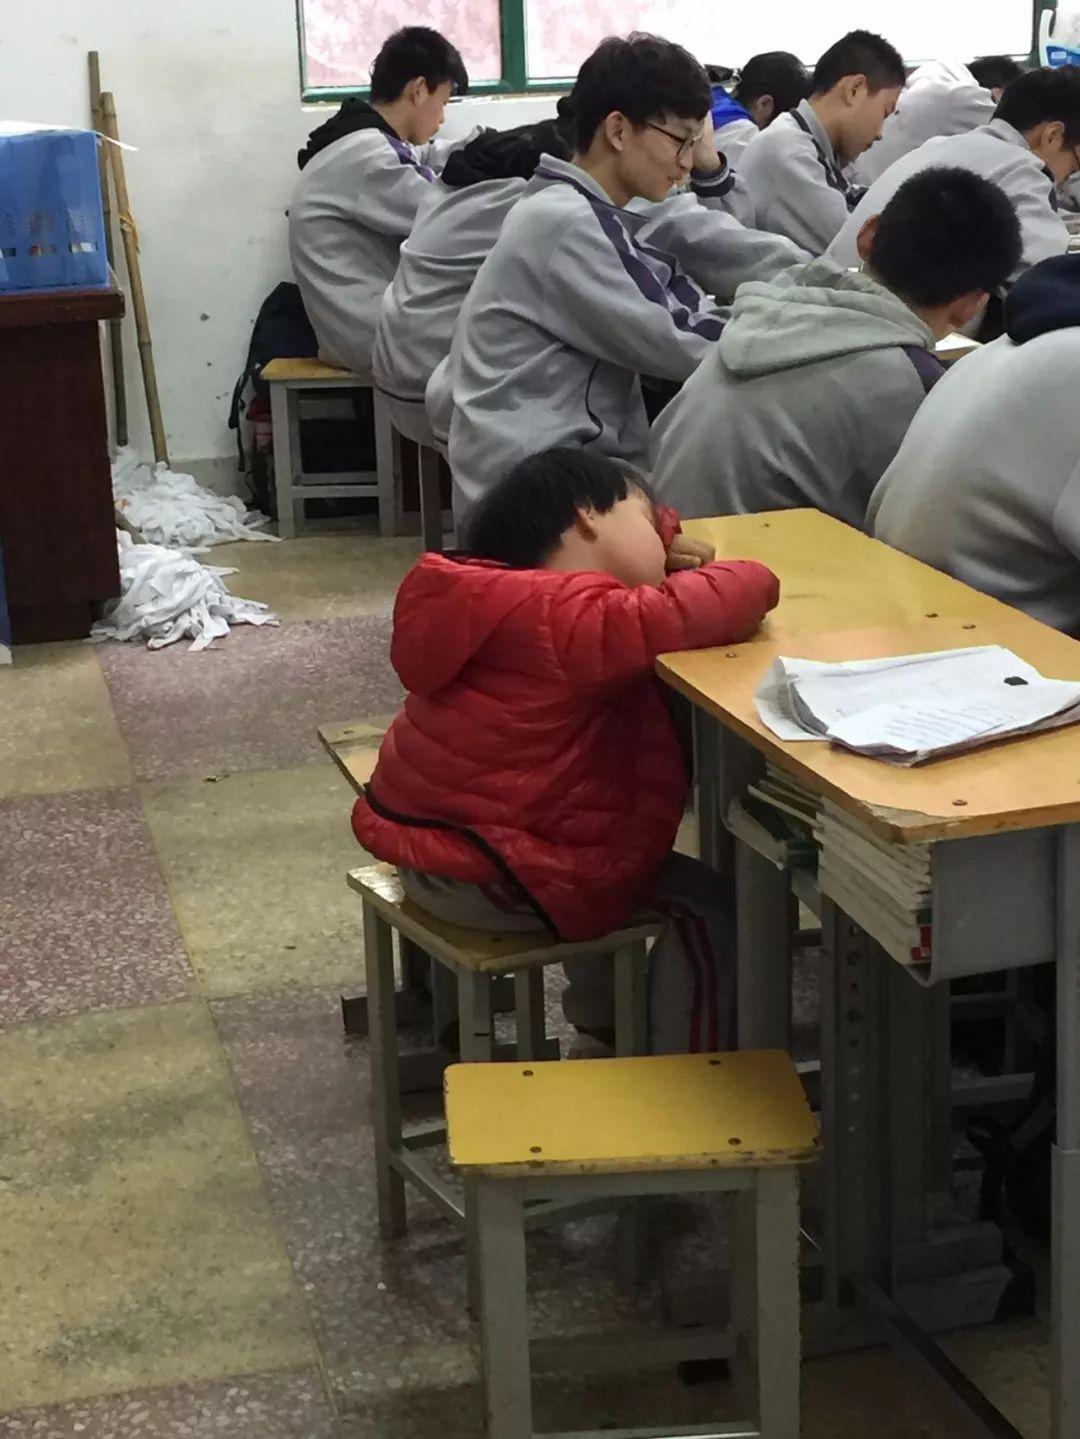 4歲女孩在媽媽教室後面課桌上趴着睡着,有多少「老師家的孩子」被忽略?